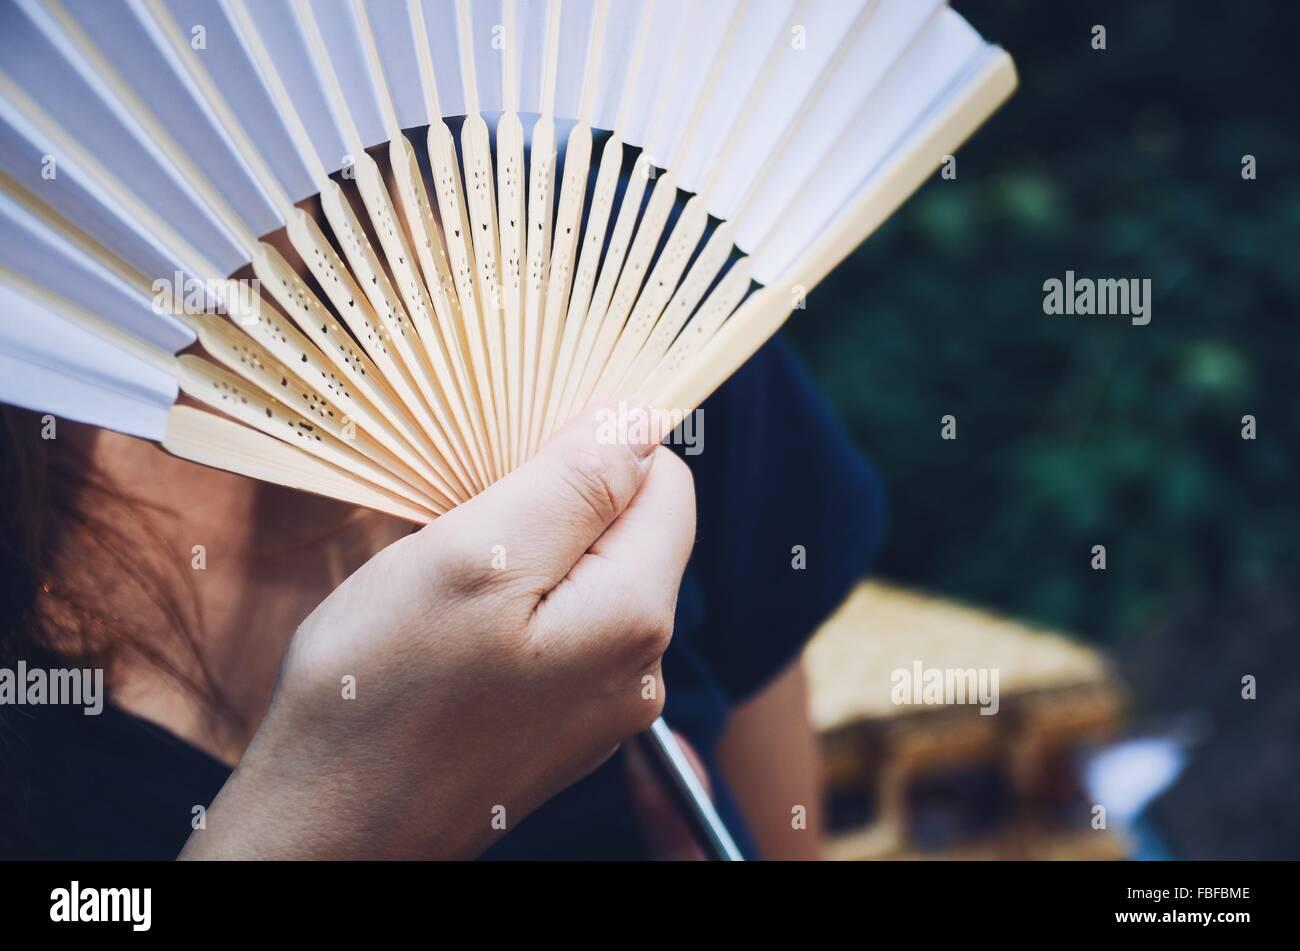 Primer plano de la mano que sujeta el ventilador Imagen De Stock